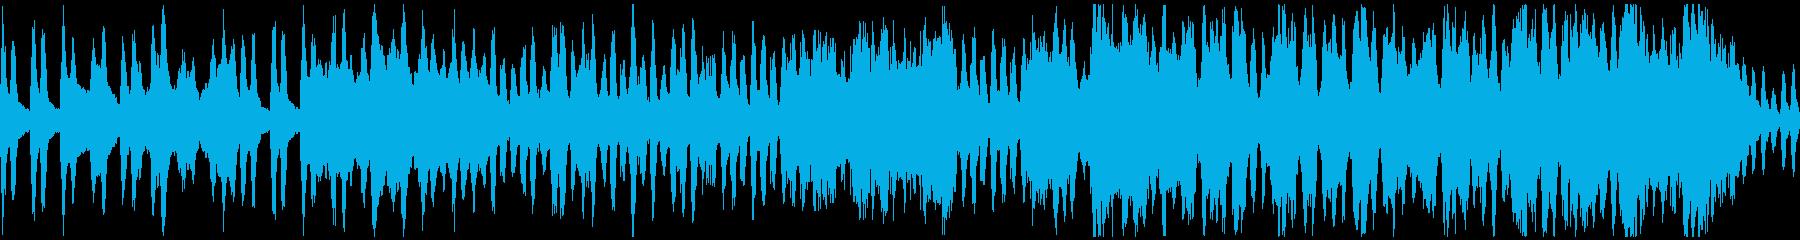 【ループ】弦楽器とチェンバロのワルツの再生済みの波形